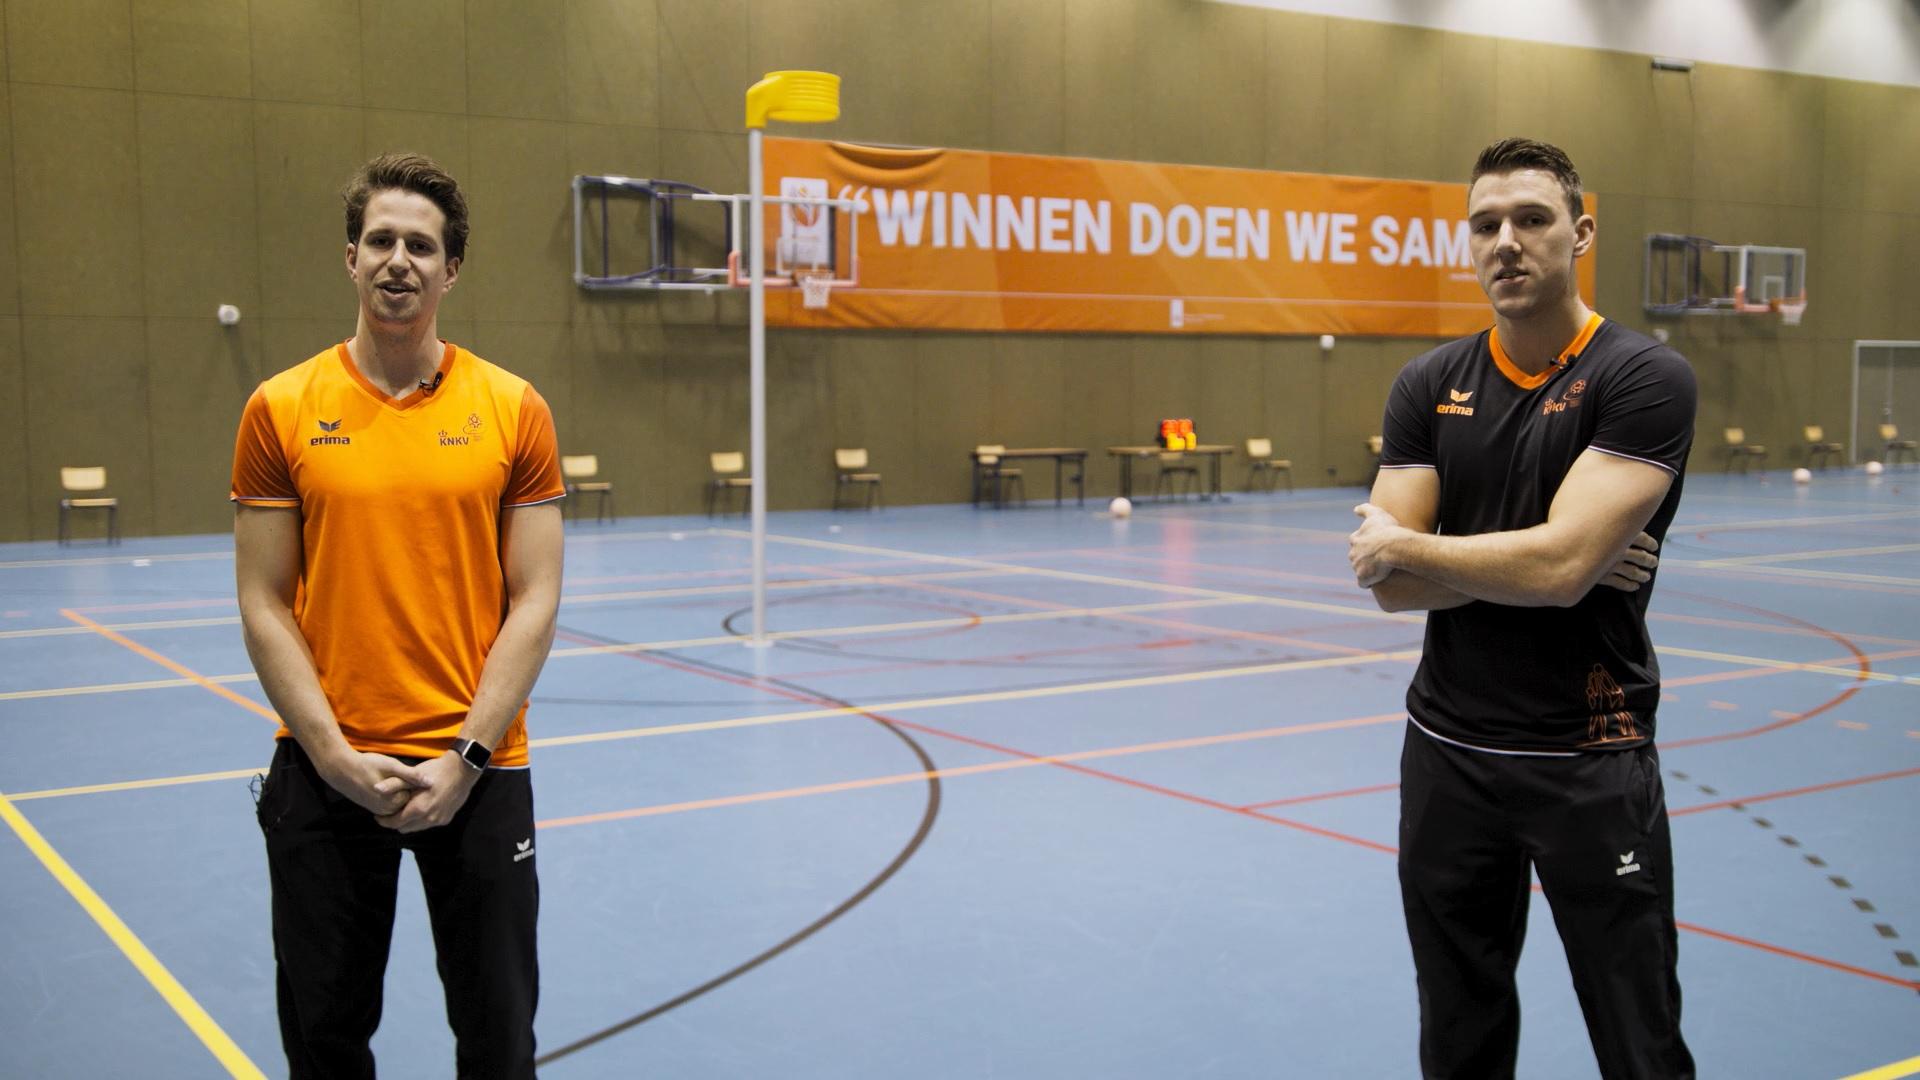 VIDEO: Daan Preuninger versus Olav van Wijngaarden